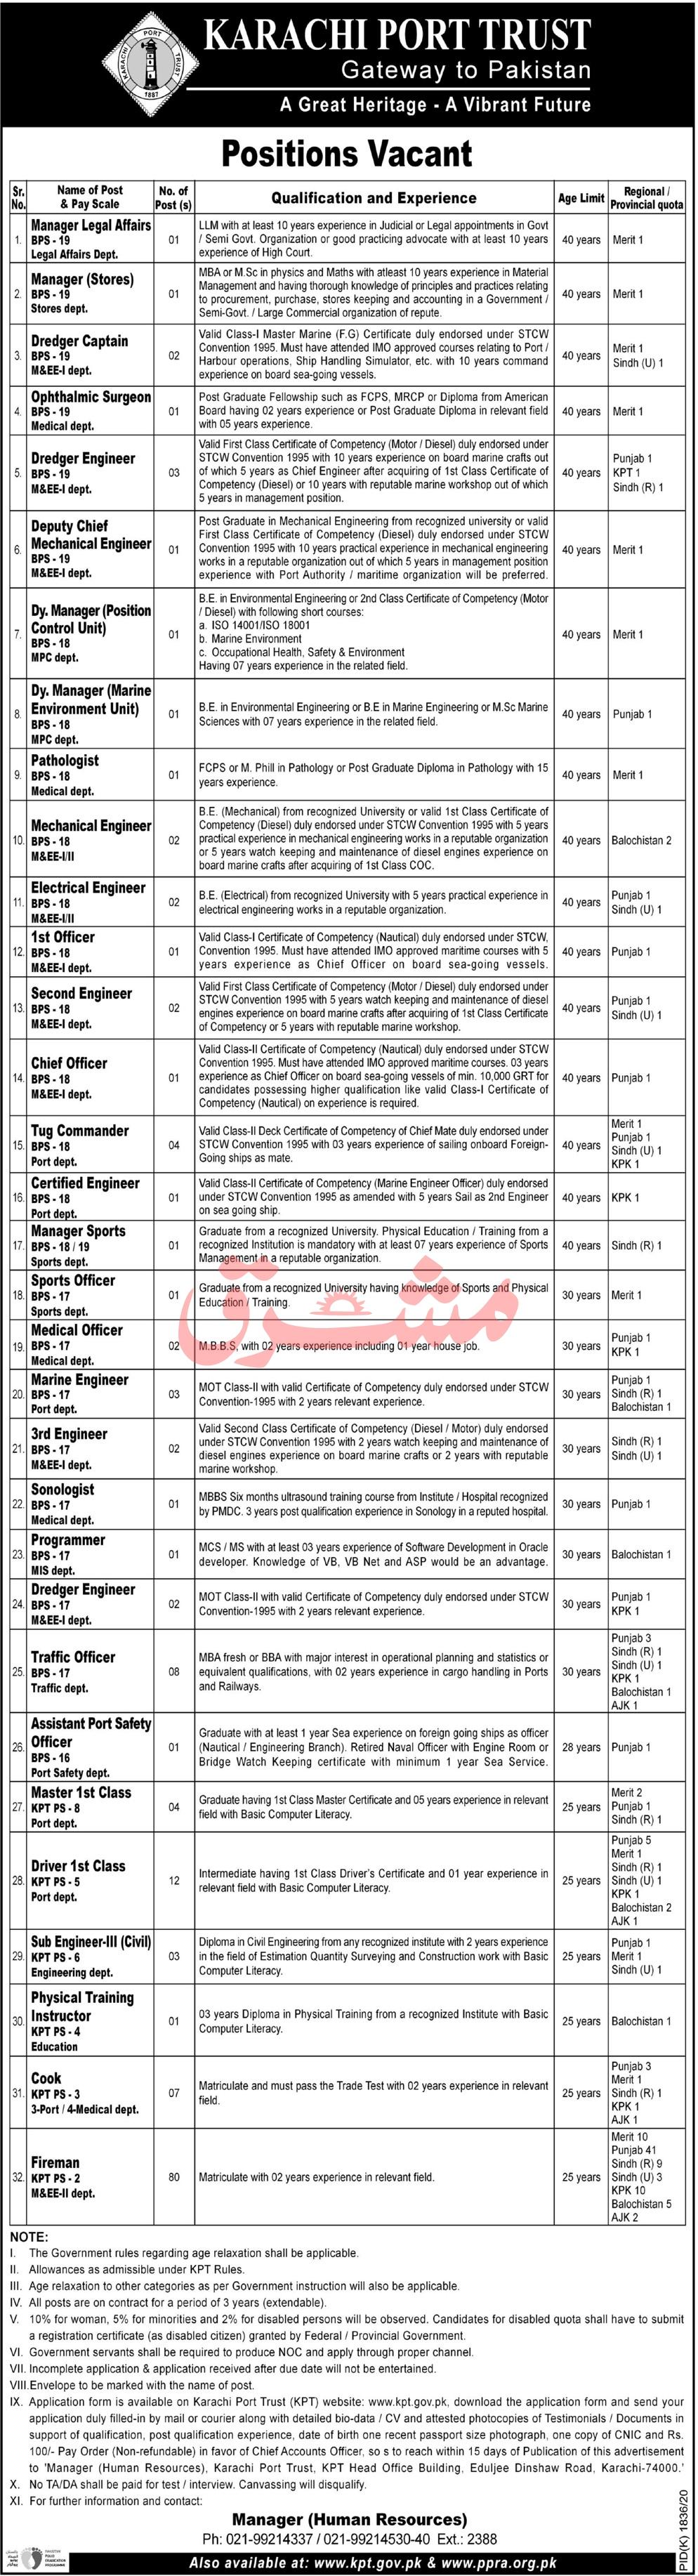 Karachi Port Trust Jobs 2021 in Karachi